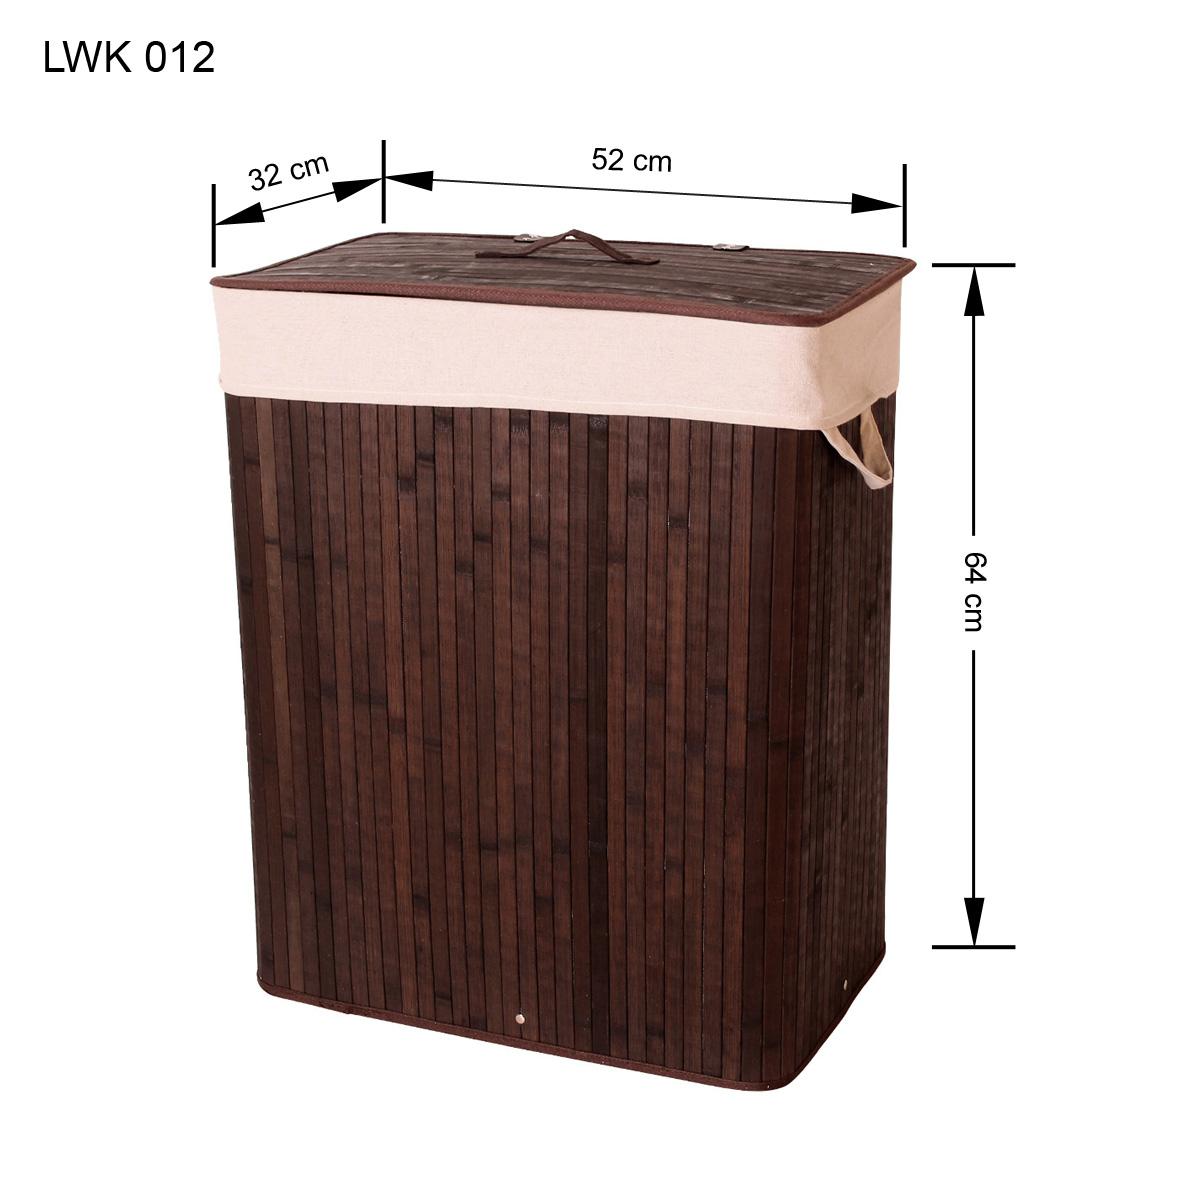 xxl bambus w schekorb w sche w schetruhe w schesammler leinen kleidersack lwk012 ebay. Black Bedroom Furniture Sets. Home Design Ideas